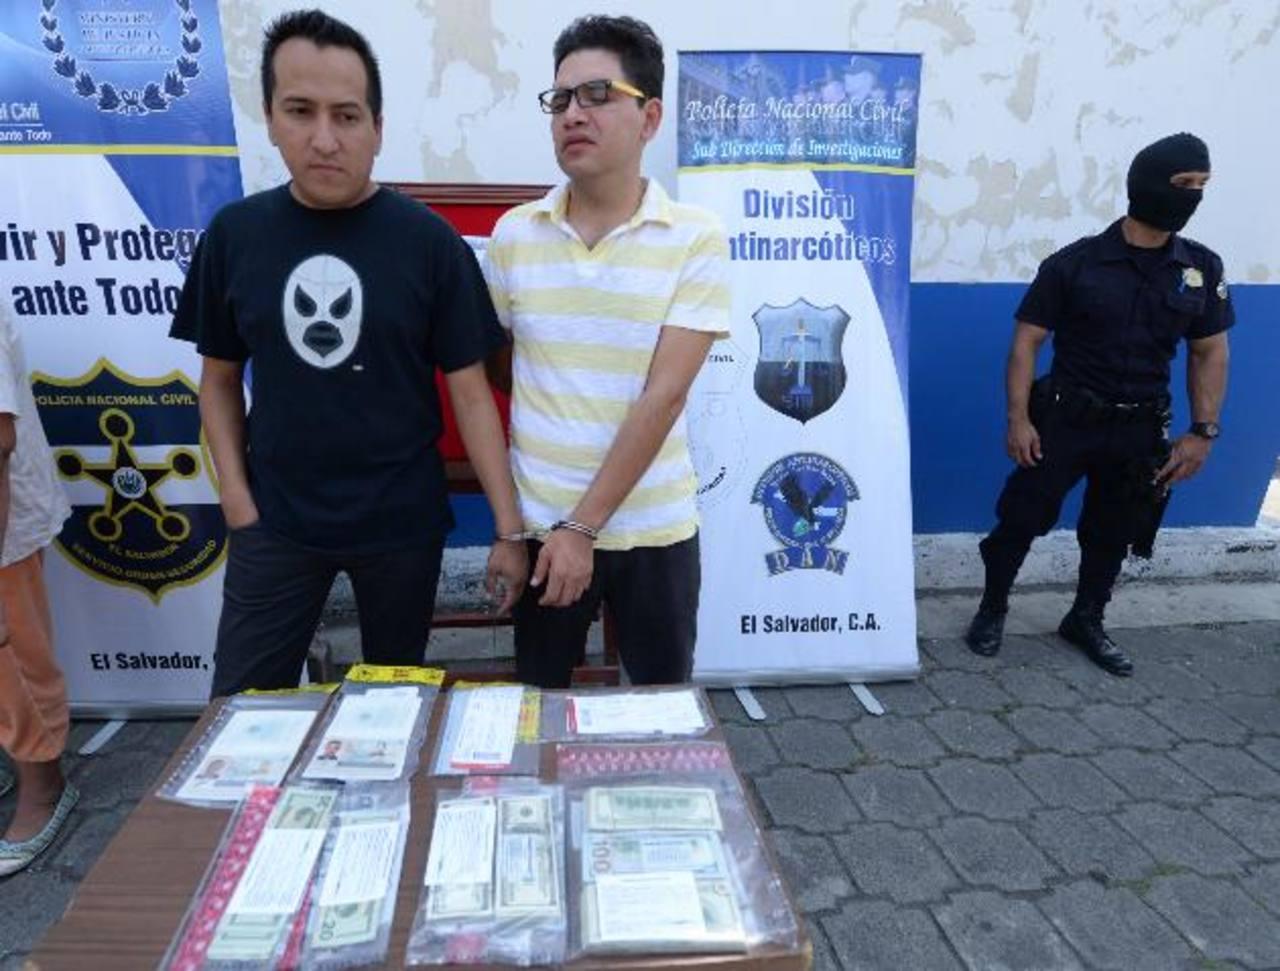 Los dos ciudadanos mexicanos viajaban de su país hacia Medellín, Colombia. Foto EDH / marlon hernández